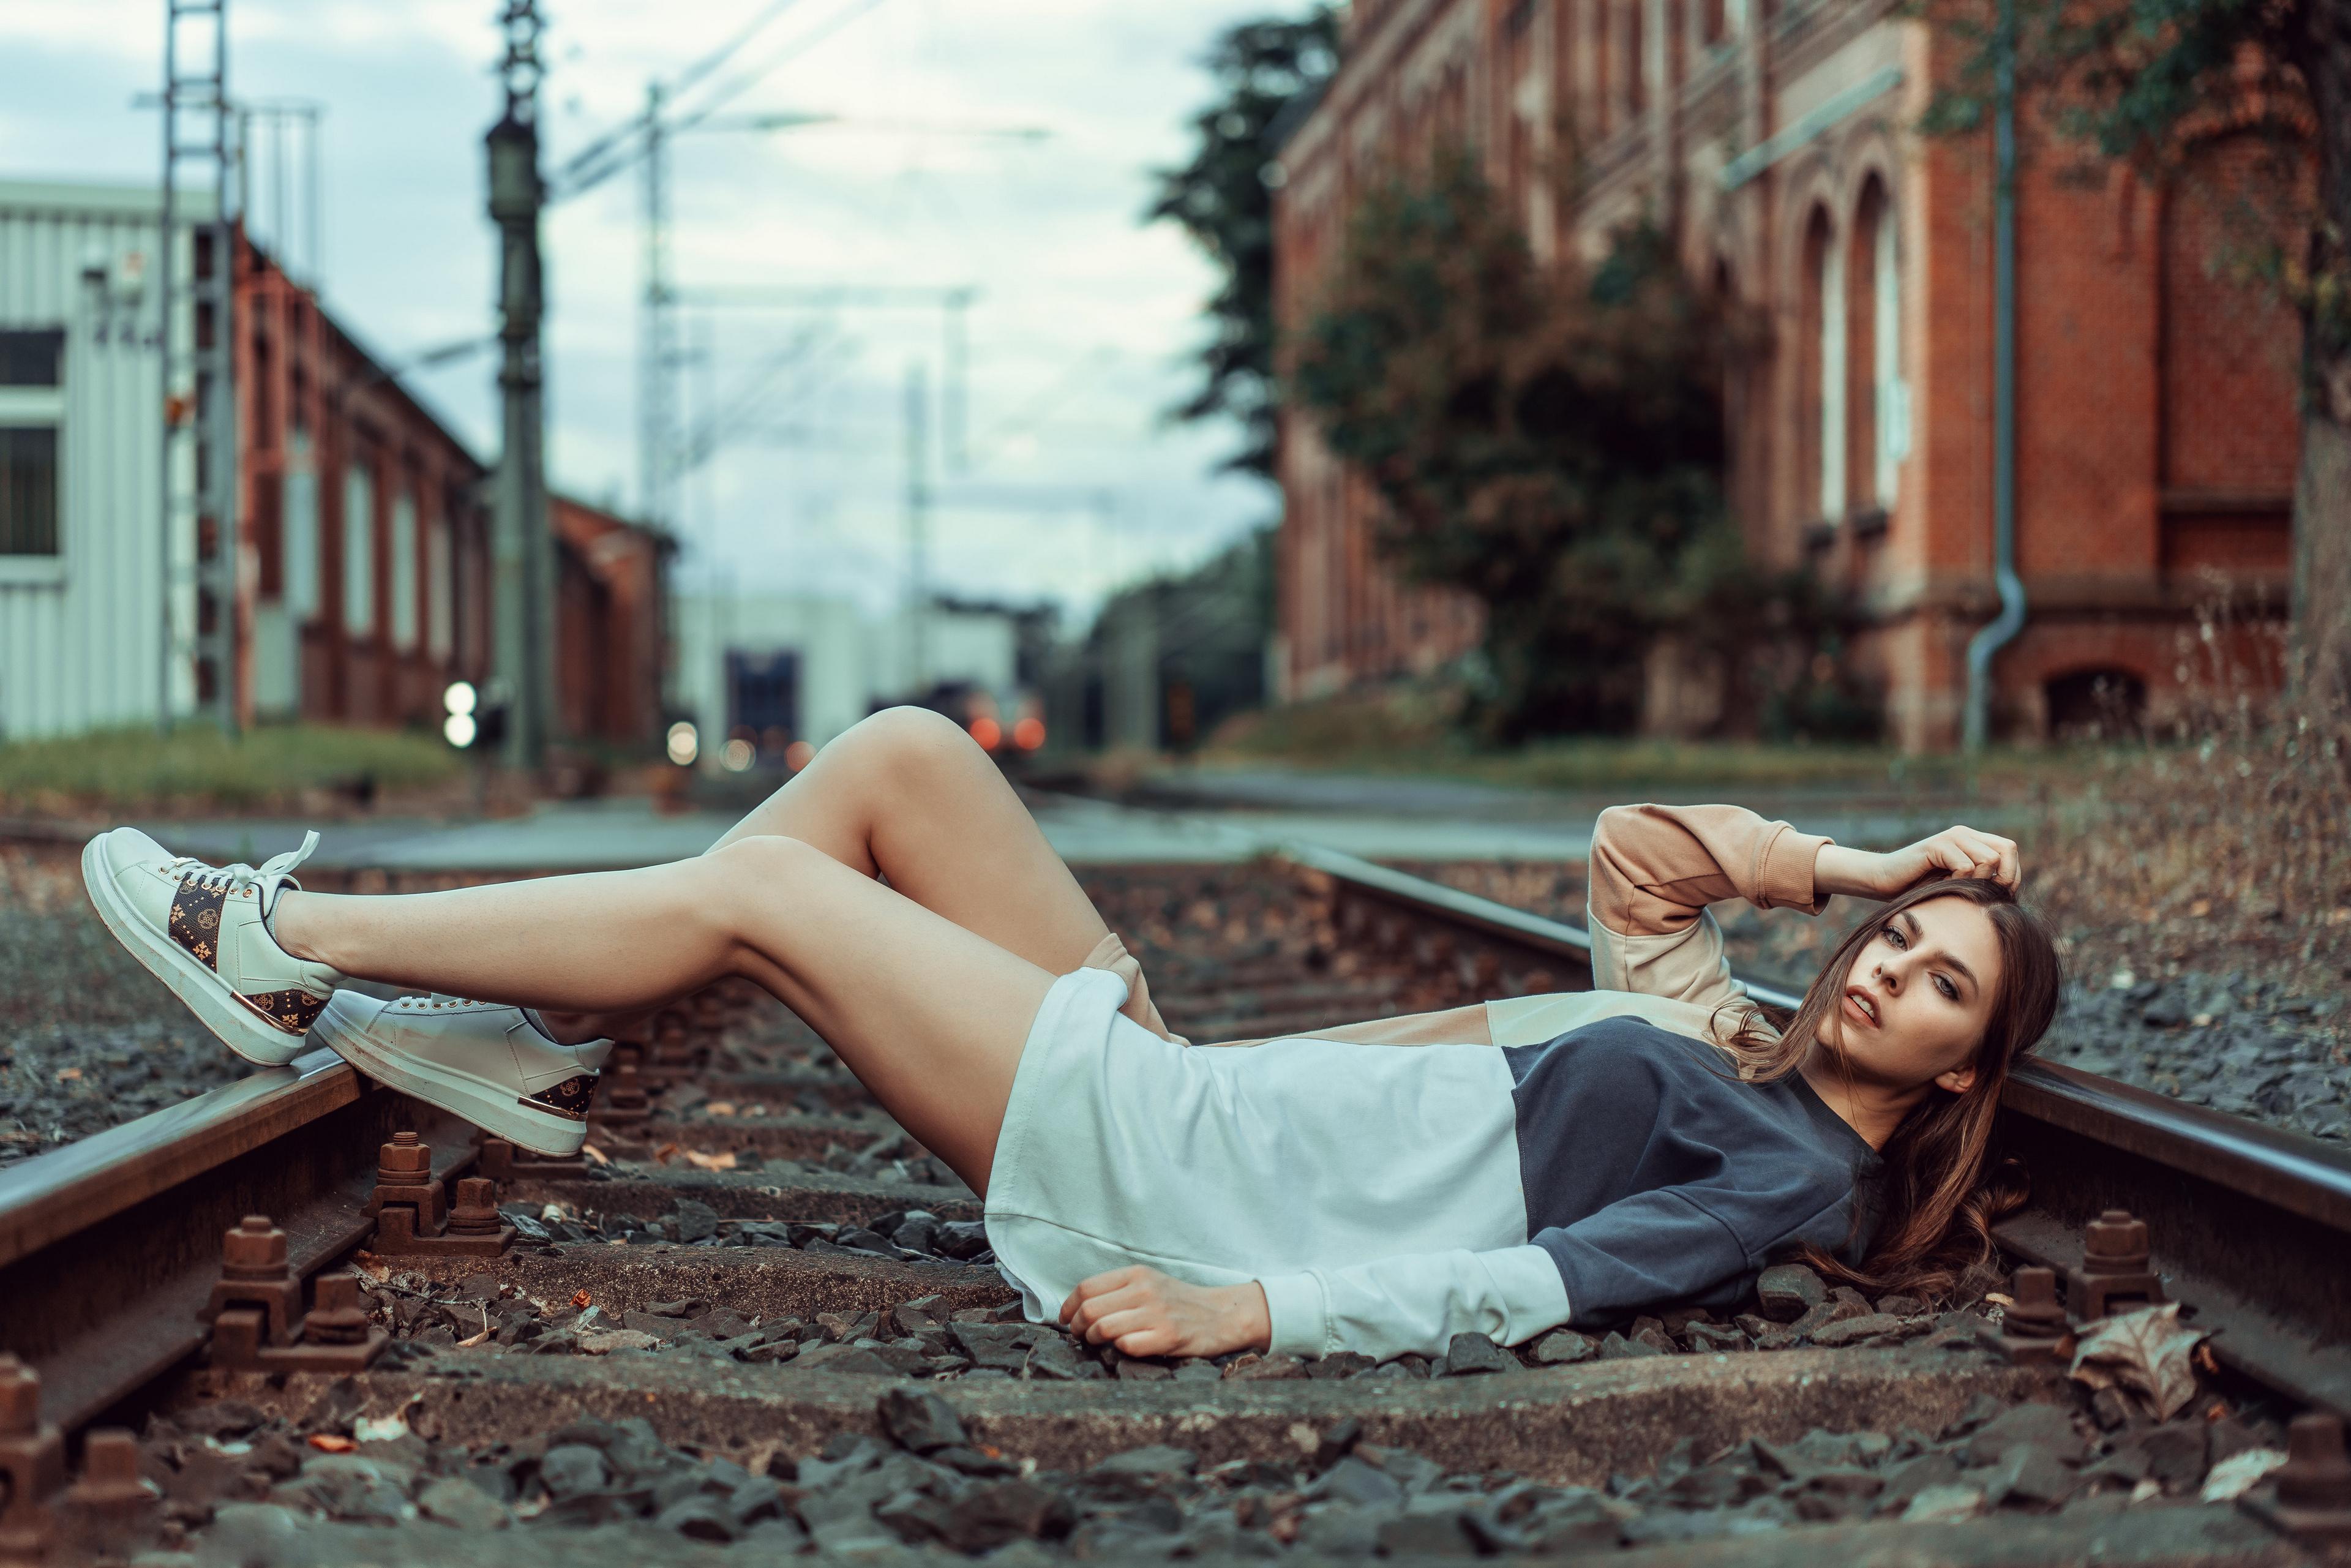 Фотография фотомодель рельсах лежат Beatrice Rogall Девушки ног Взгляд Платье 3840x2561 Модель Рельсы лежа Лежит лежачие девушка молодая женщина молодые женщины Ноги смотрит смотрят платья